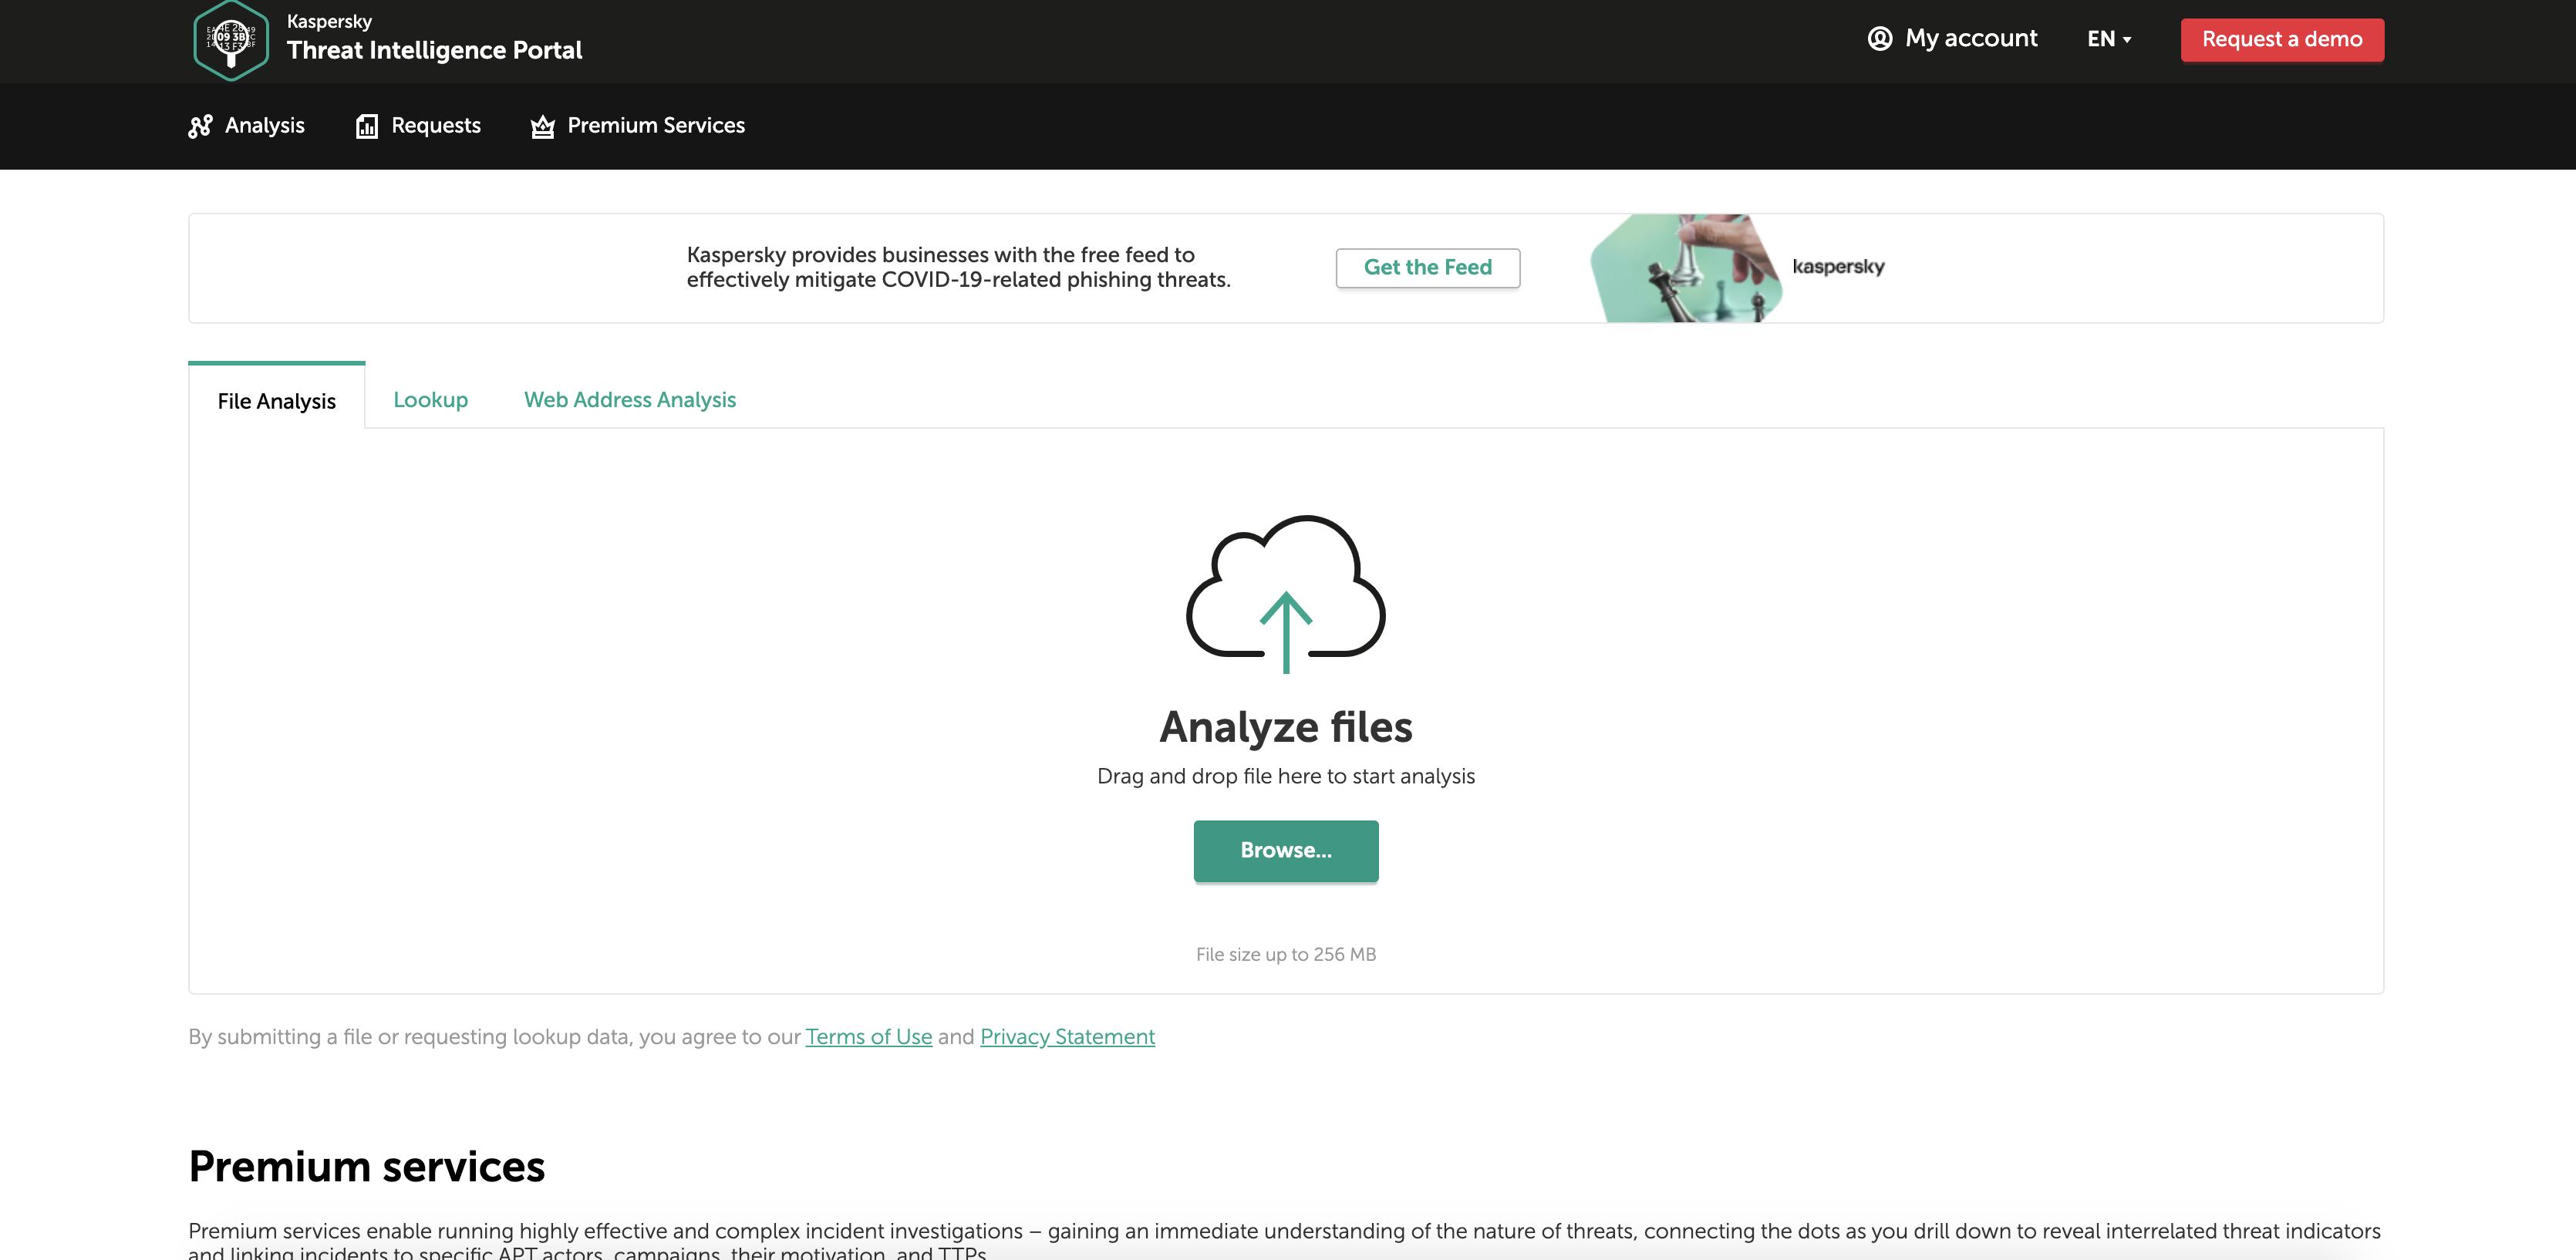 Nueva página de inicio de Open Threat Intelligence Portal